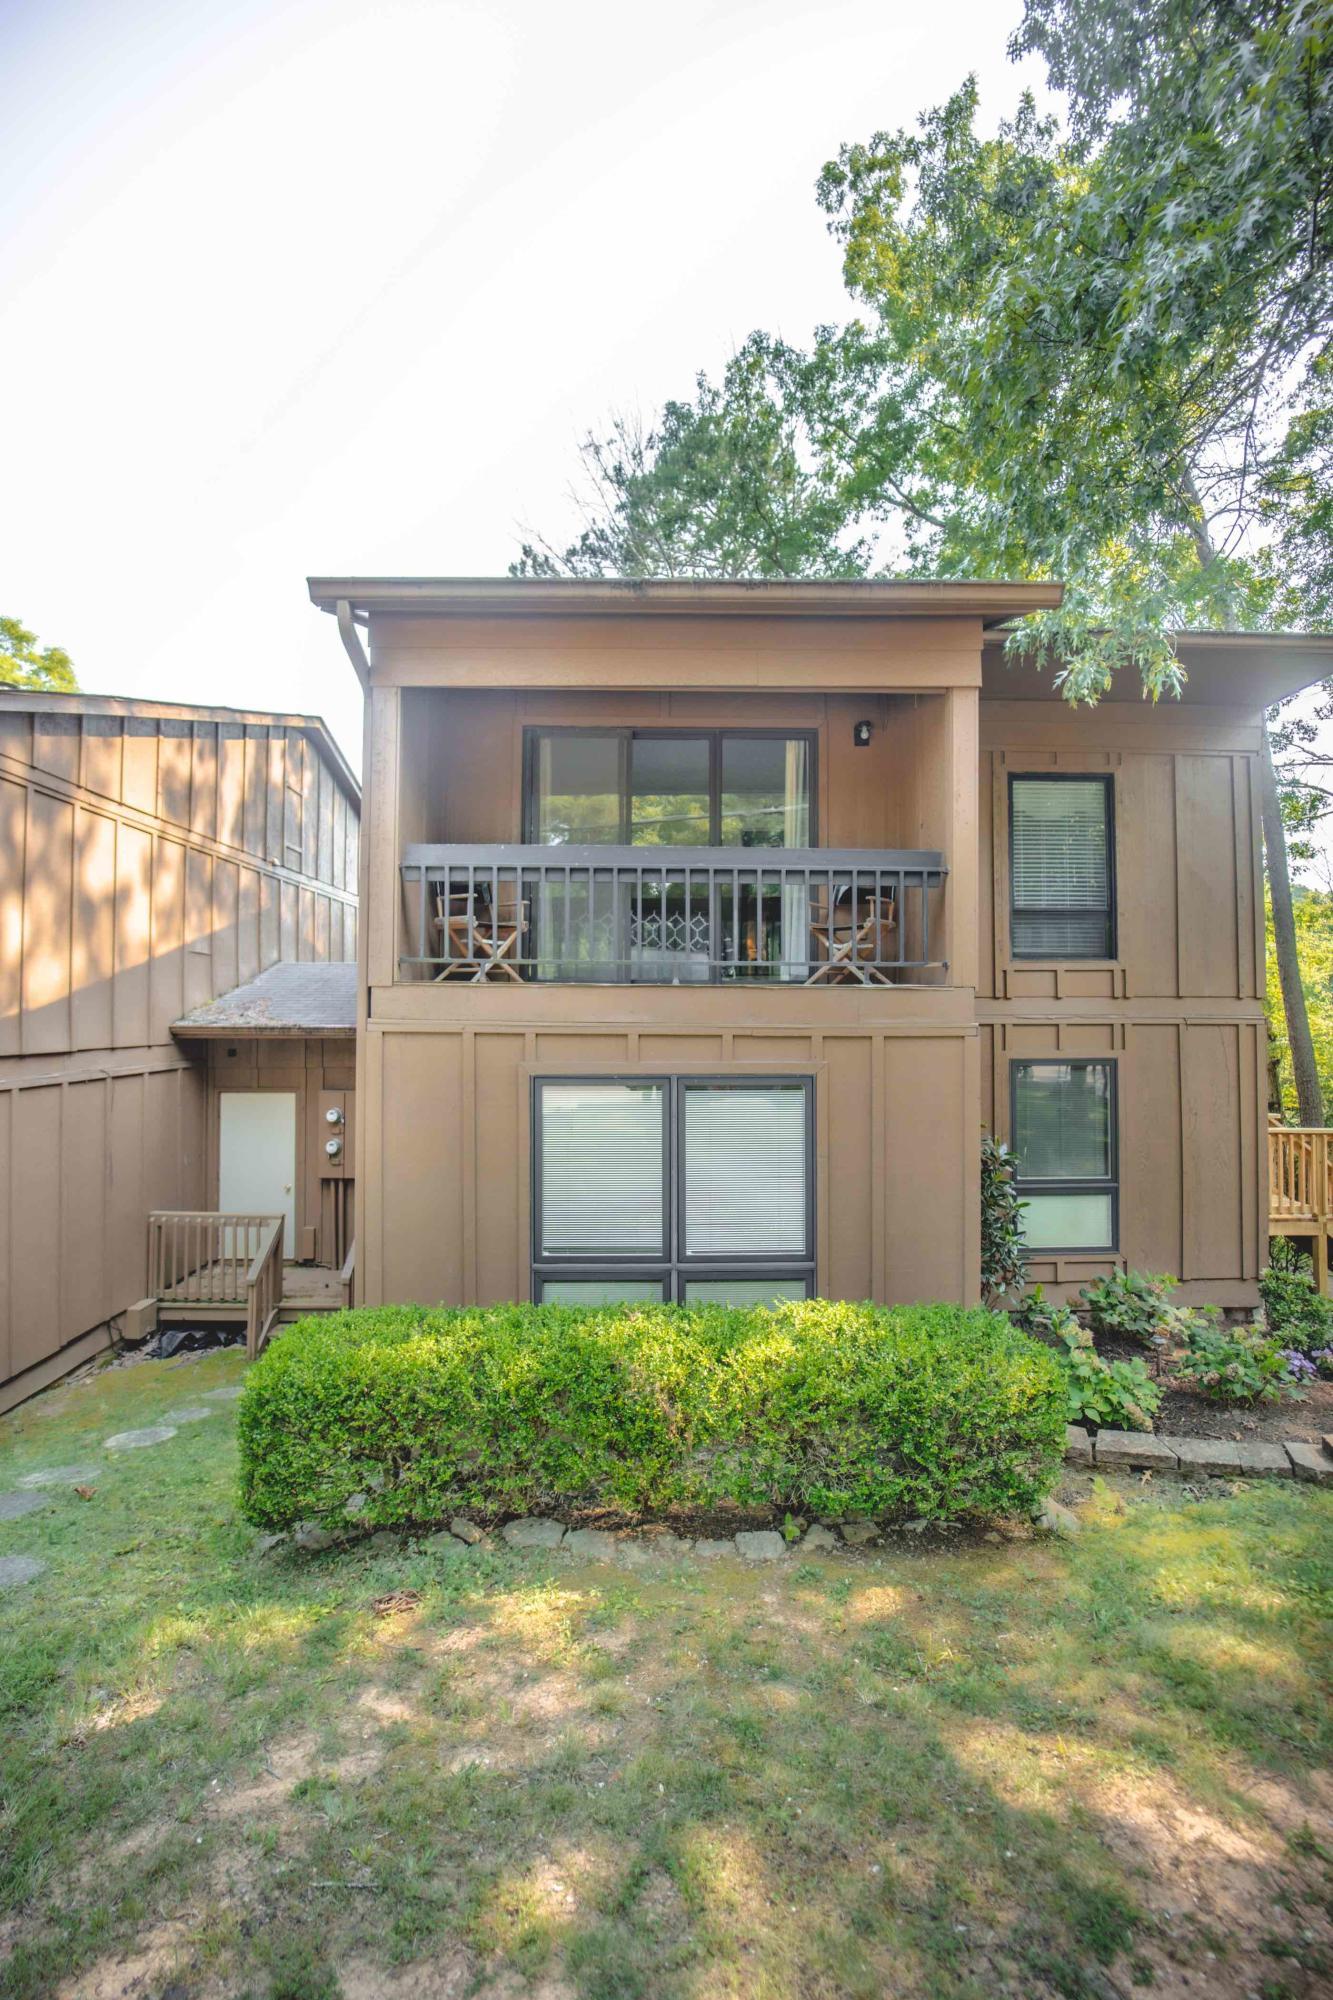 96-3 Woodson Bend Resort, Bronston, KY 42518